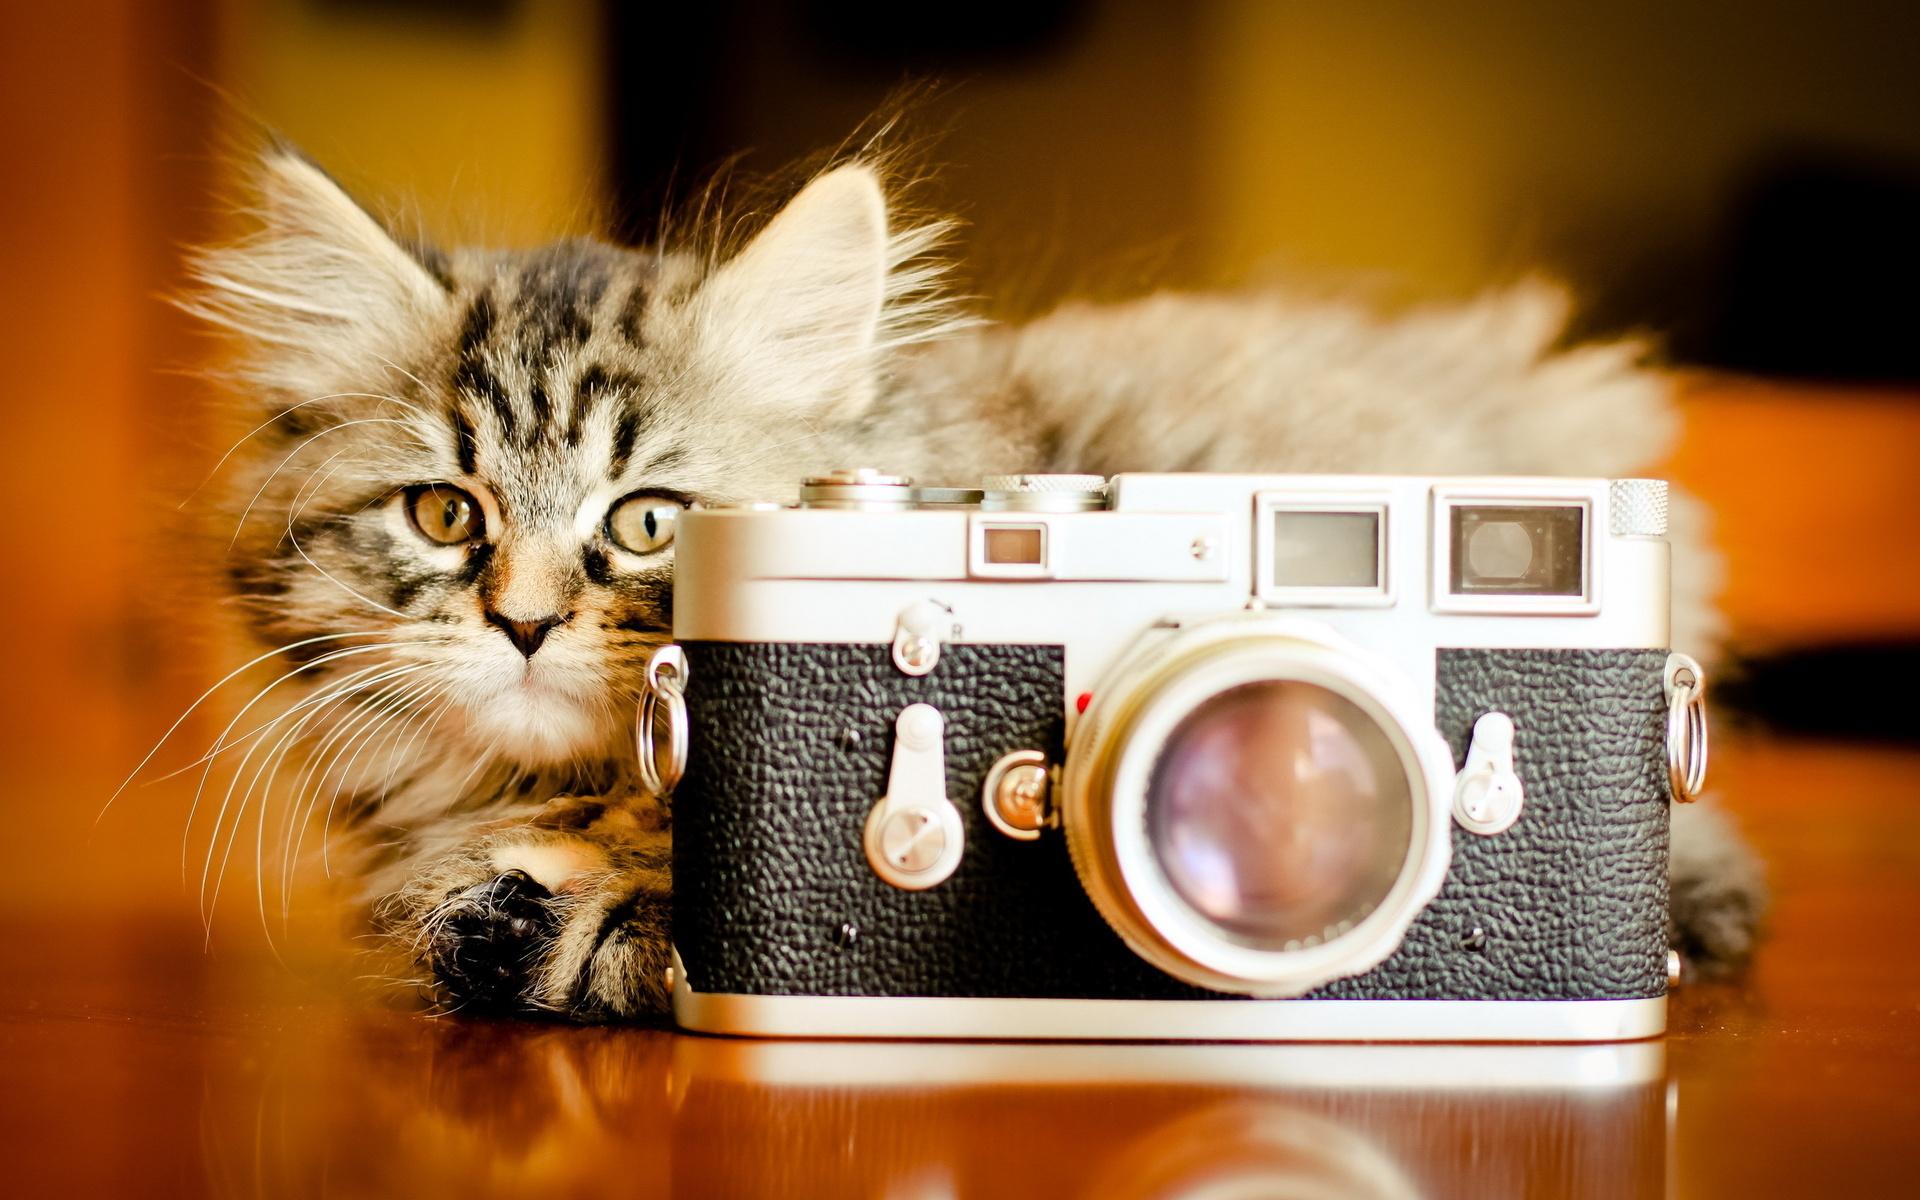 черкесск это фото красивых животных на обложку новые лоты